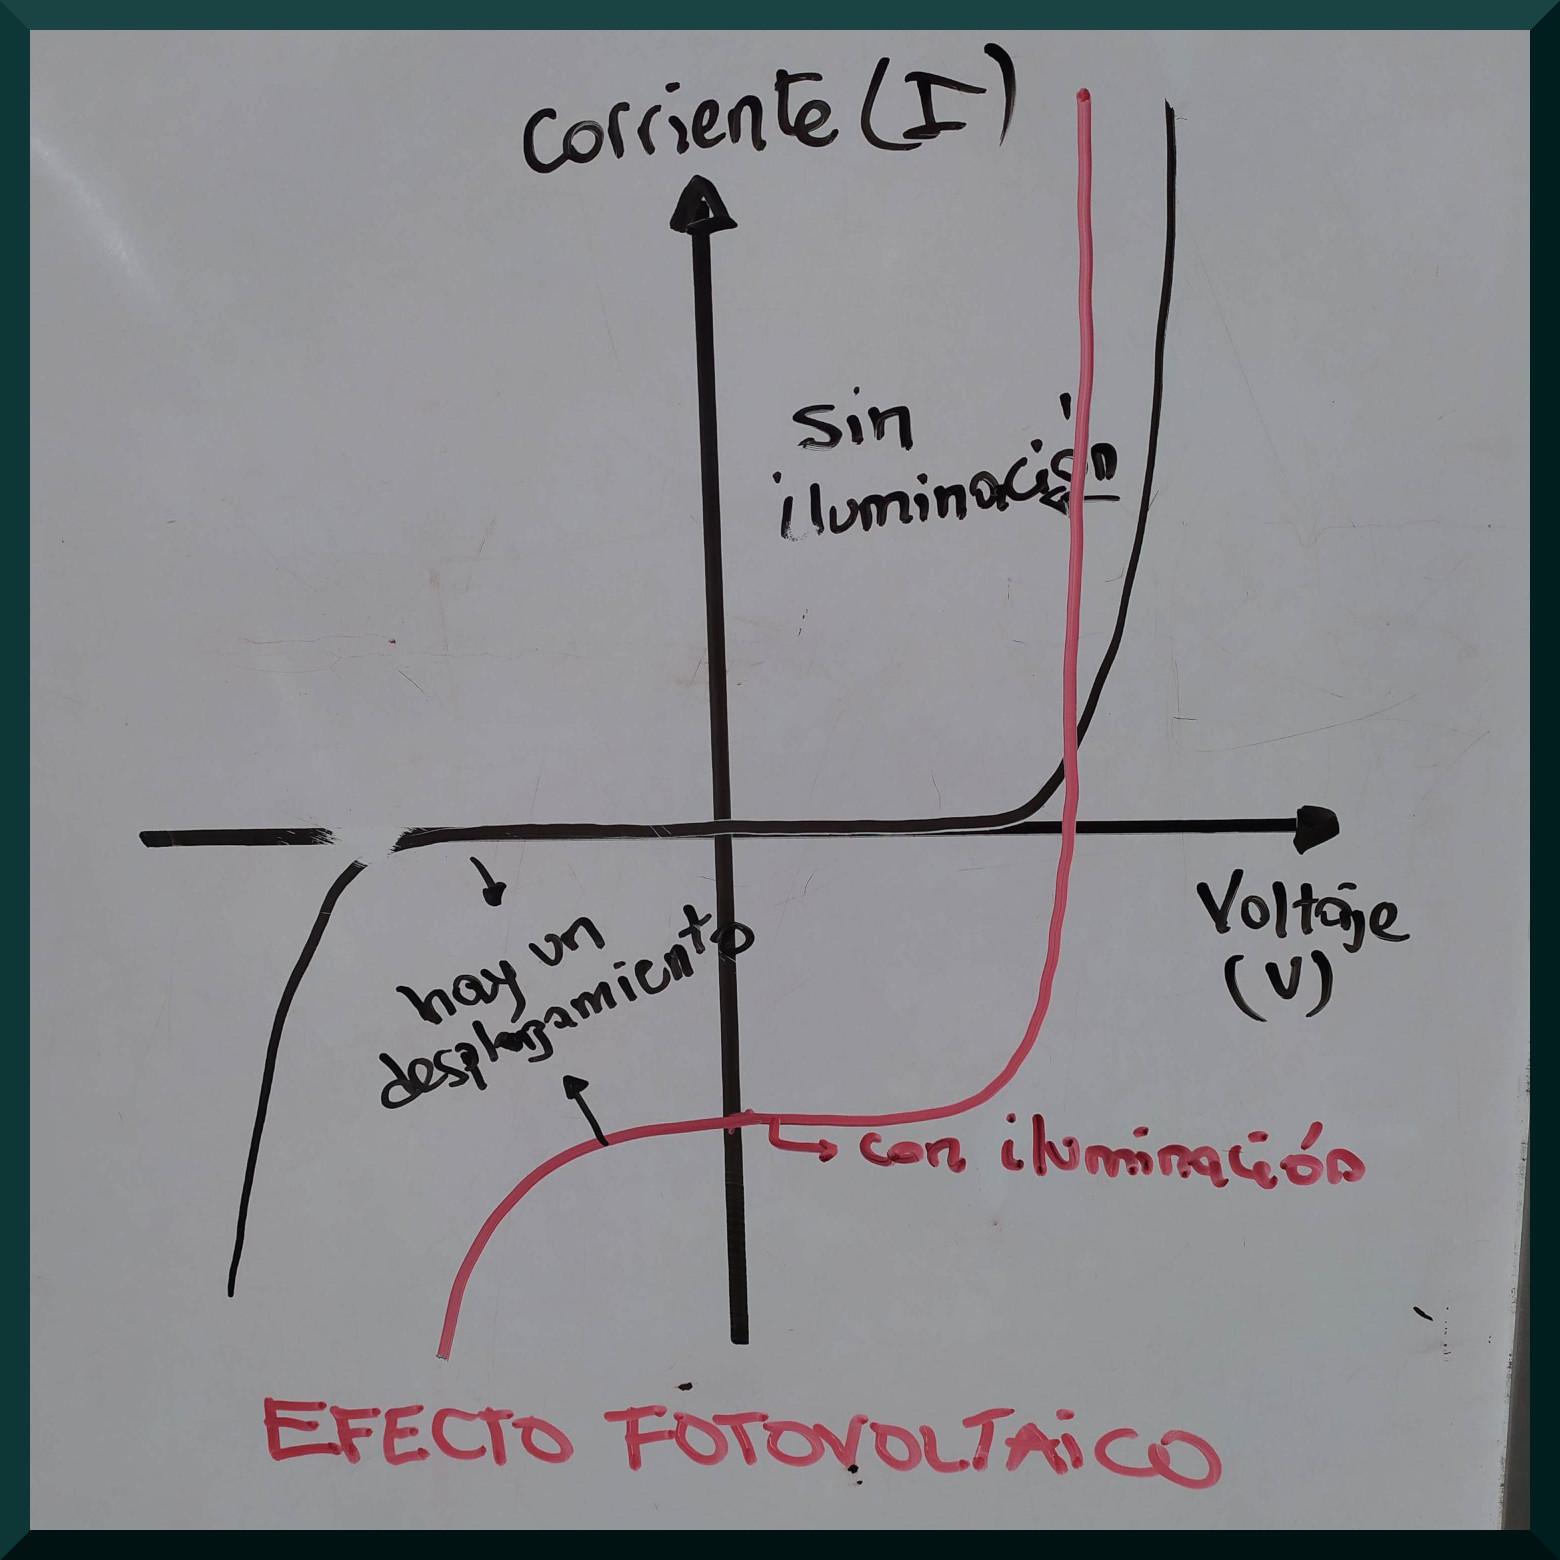 Representación del efecto fotovoltaico en la curva corriente-voltaje donde se evidencia el efecto fotovoltaico al ser iluminada.